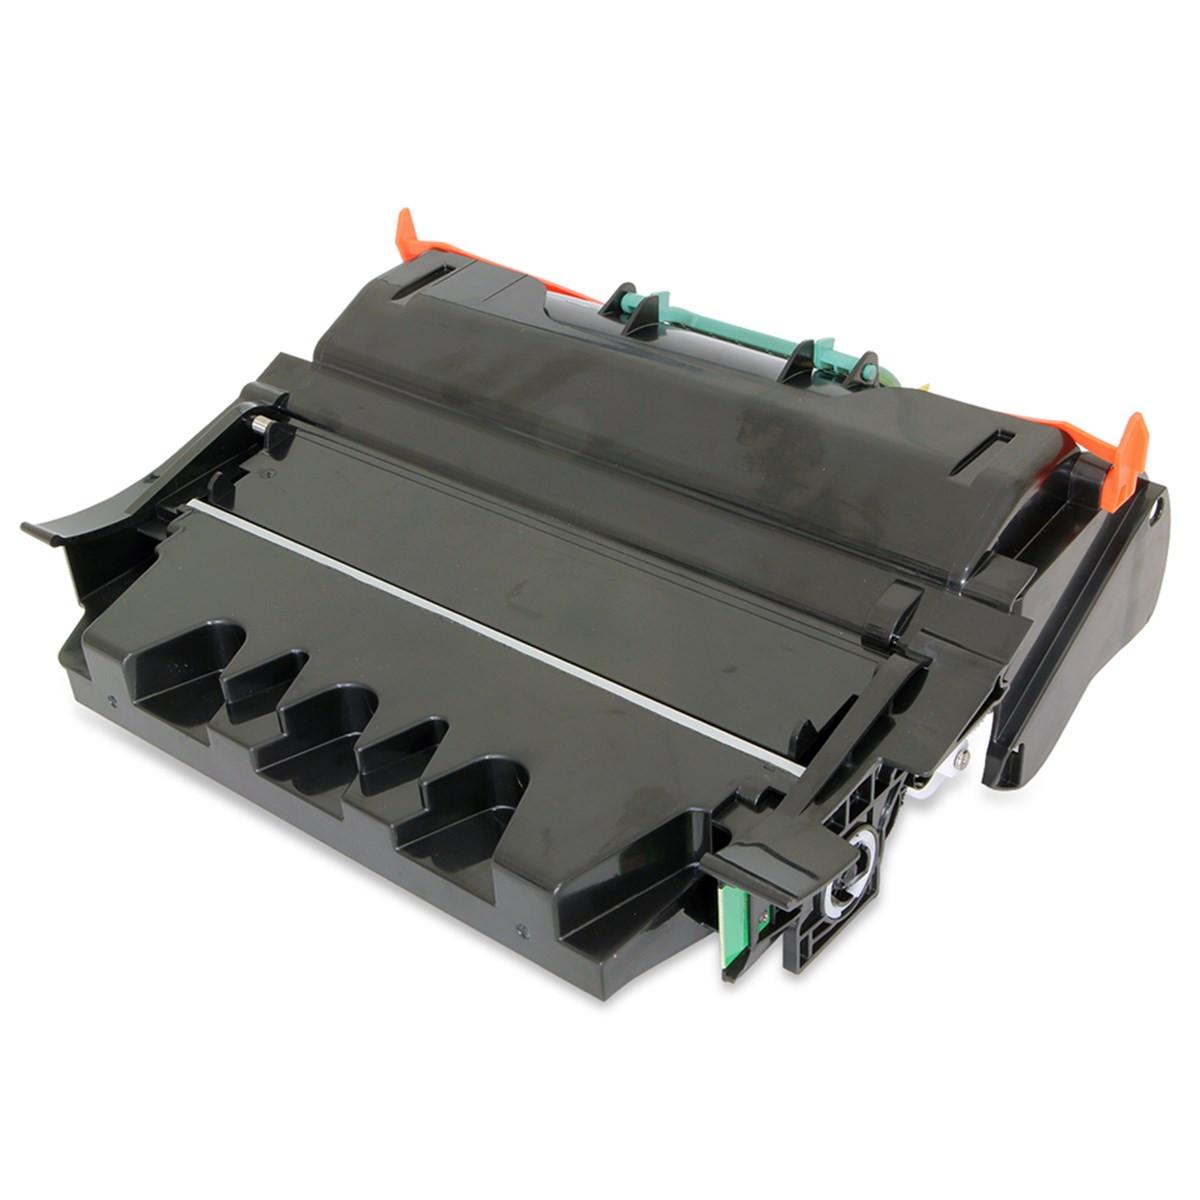 Toner Compatível com Lexmark T650 T652 T656 T654DN T652DN T650N T656DNE T654X11B T654X04L Evolut 36k